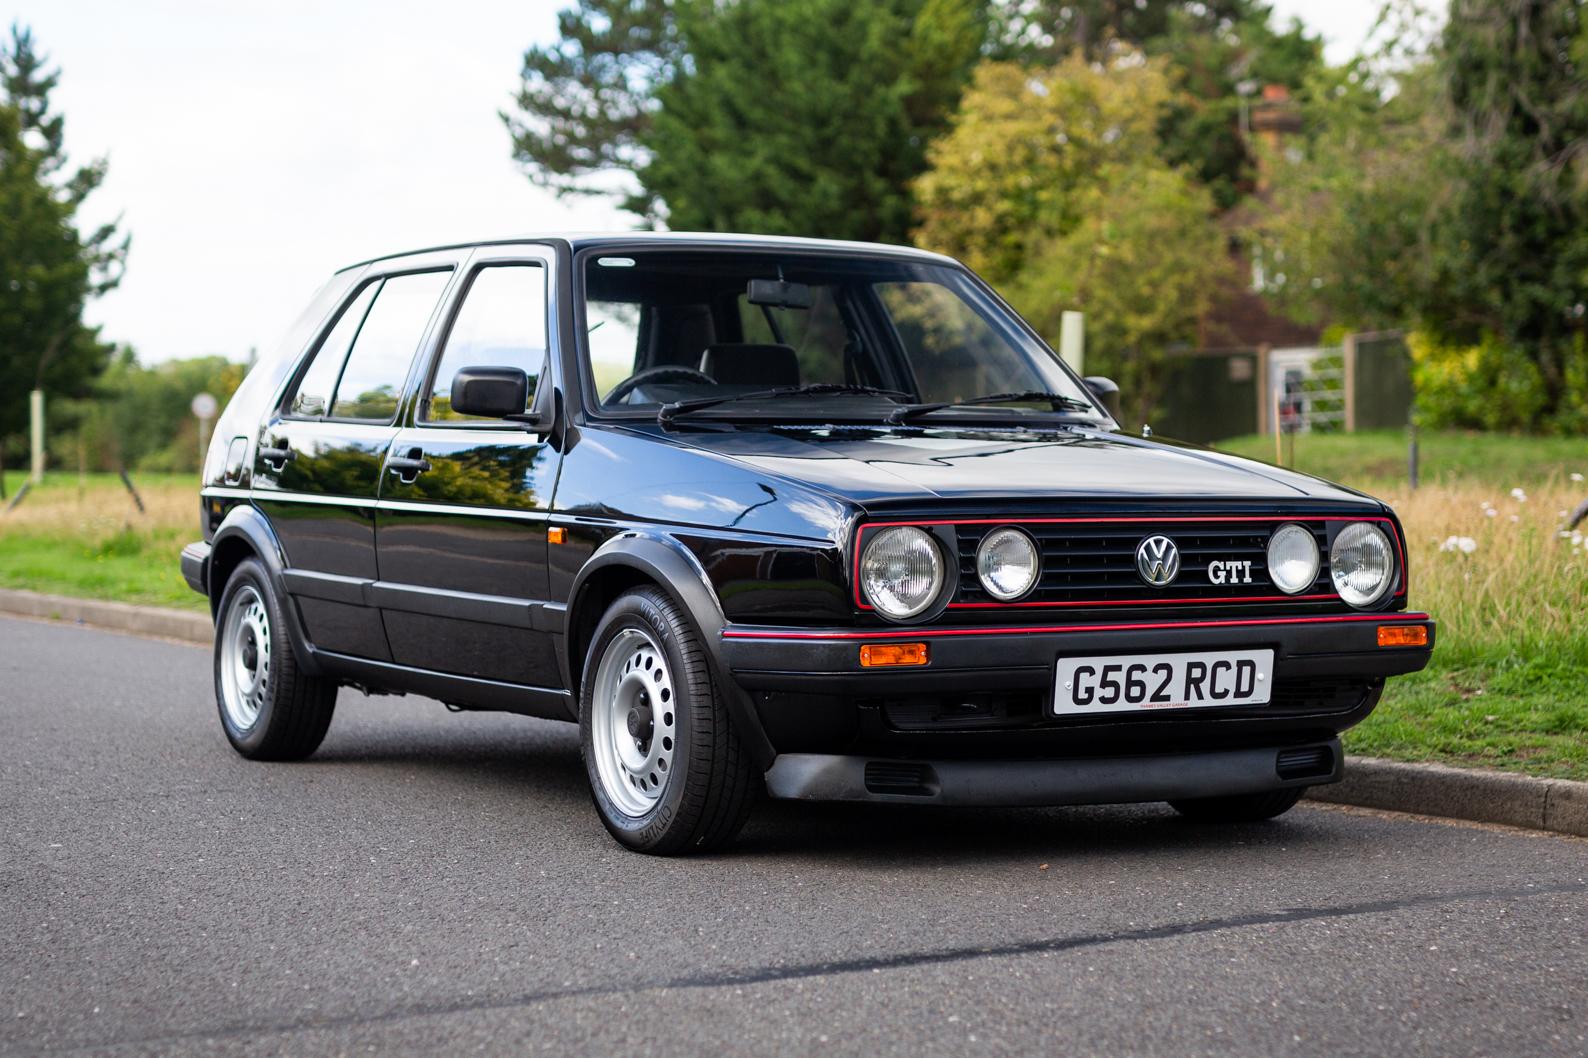 1989 Volkswagen Golf Mk2 Gti 8v